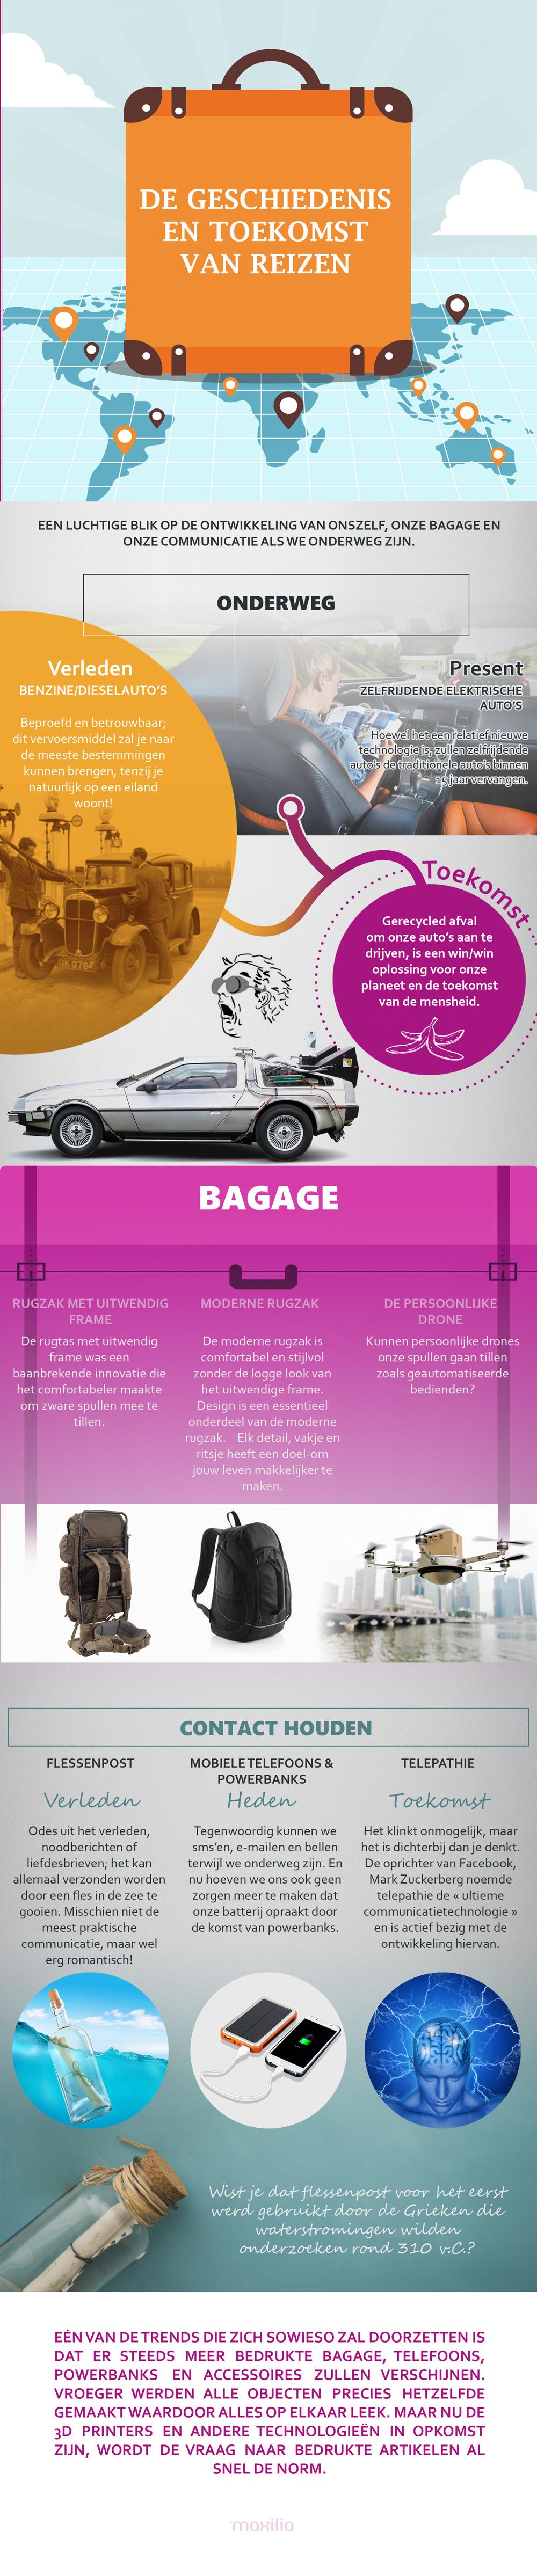 Infographic-geschiedenis-toekomst-van-reizen